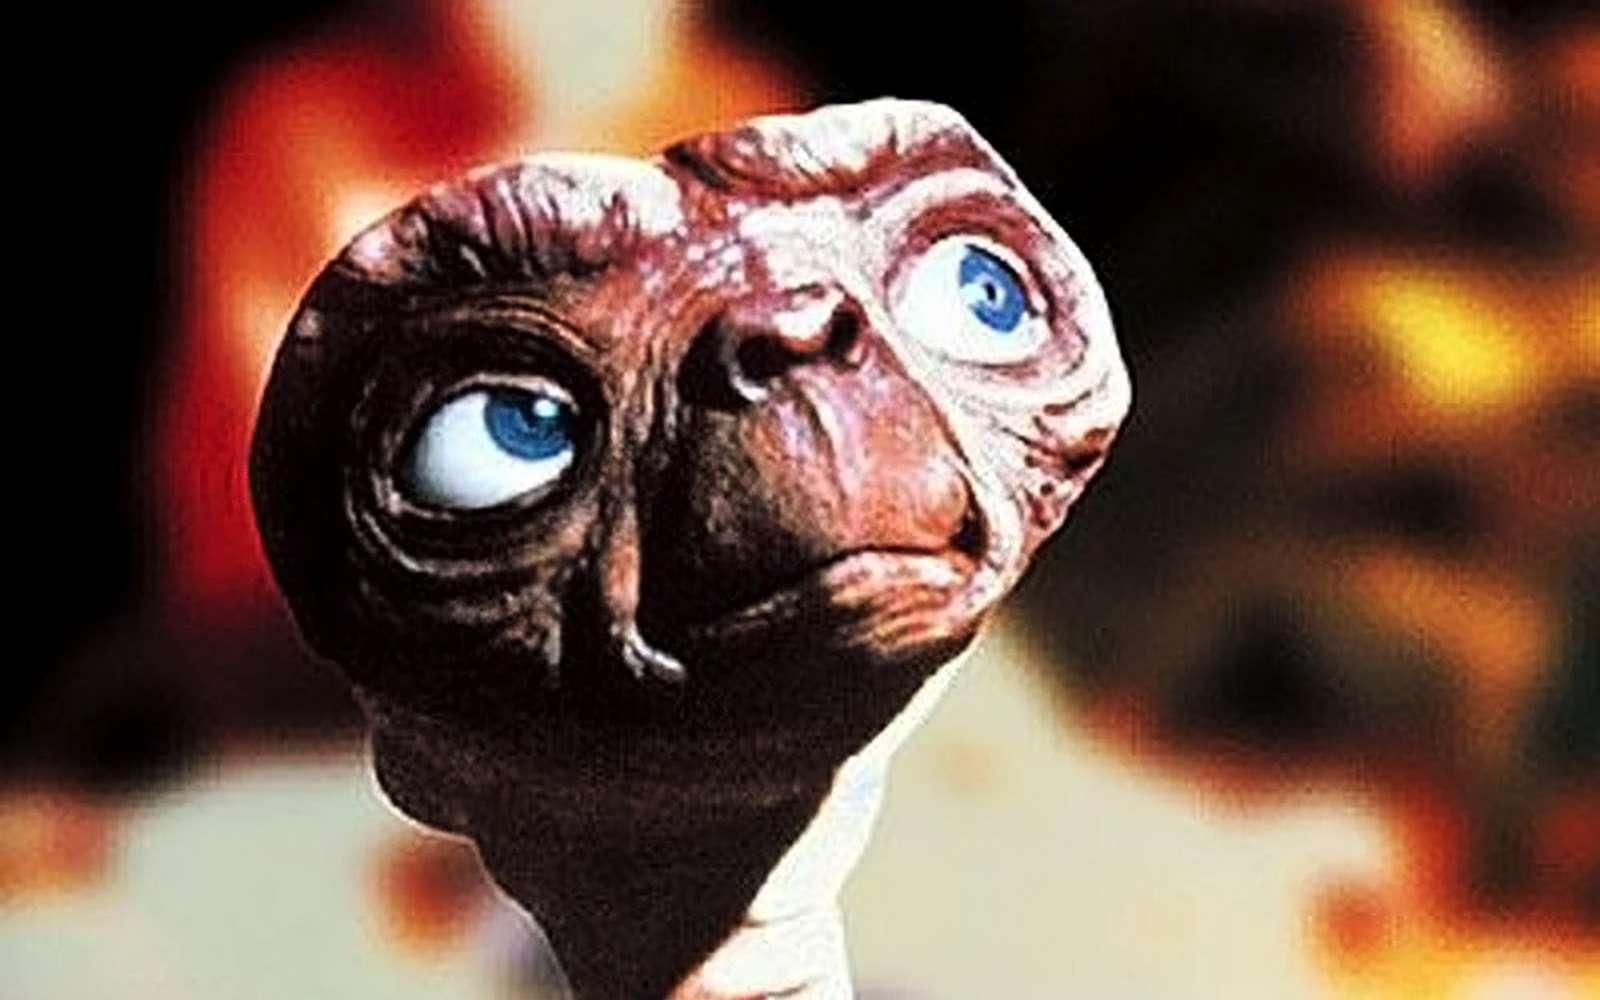 E.T. est l'un des extraterrestres de fiction les plus célèbres. Comment savoir combien de civilisations avancées peuplent le ciel ? © DR